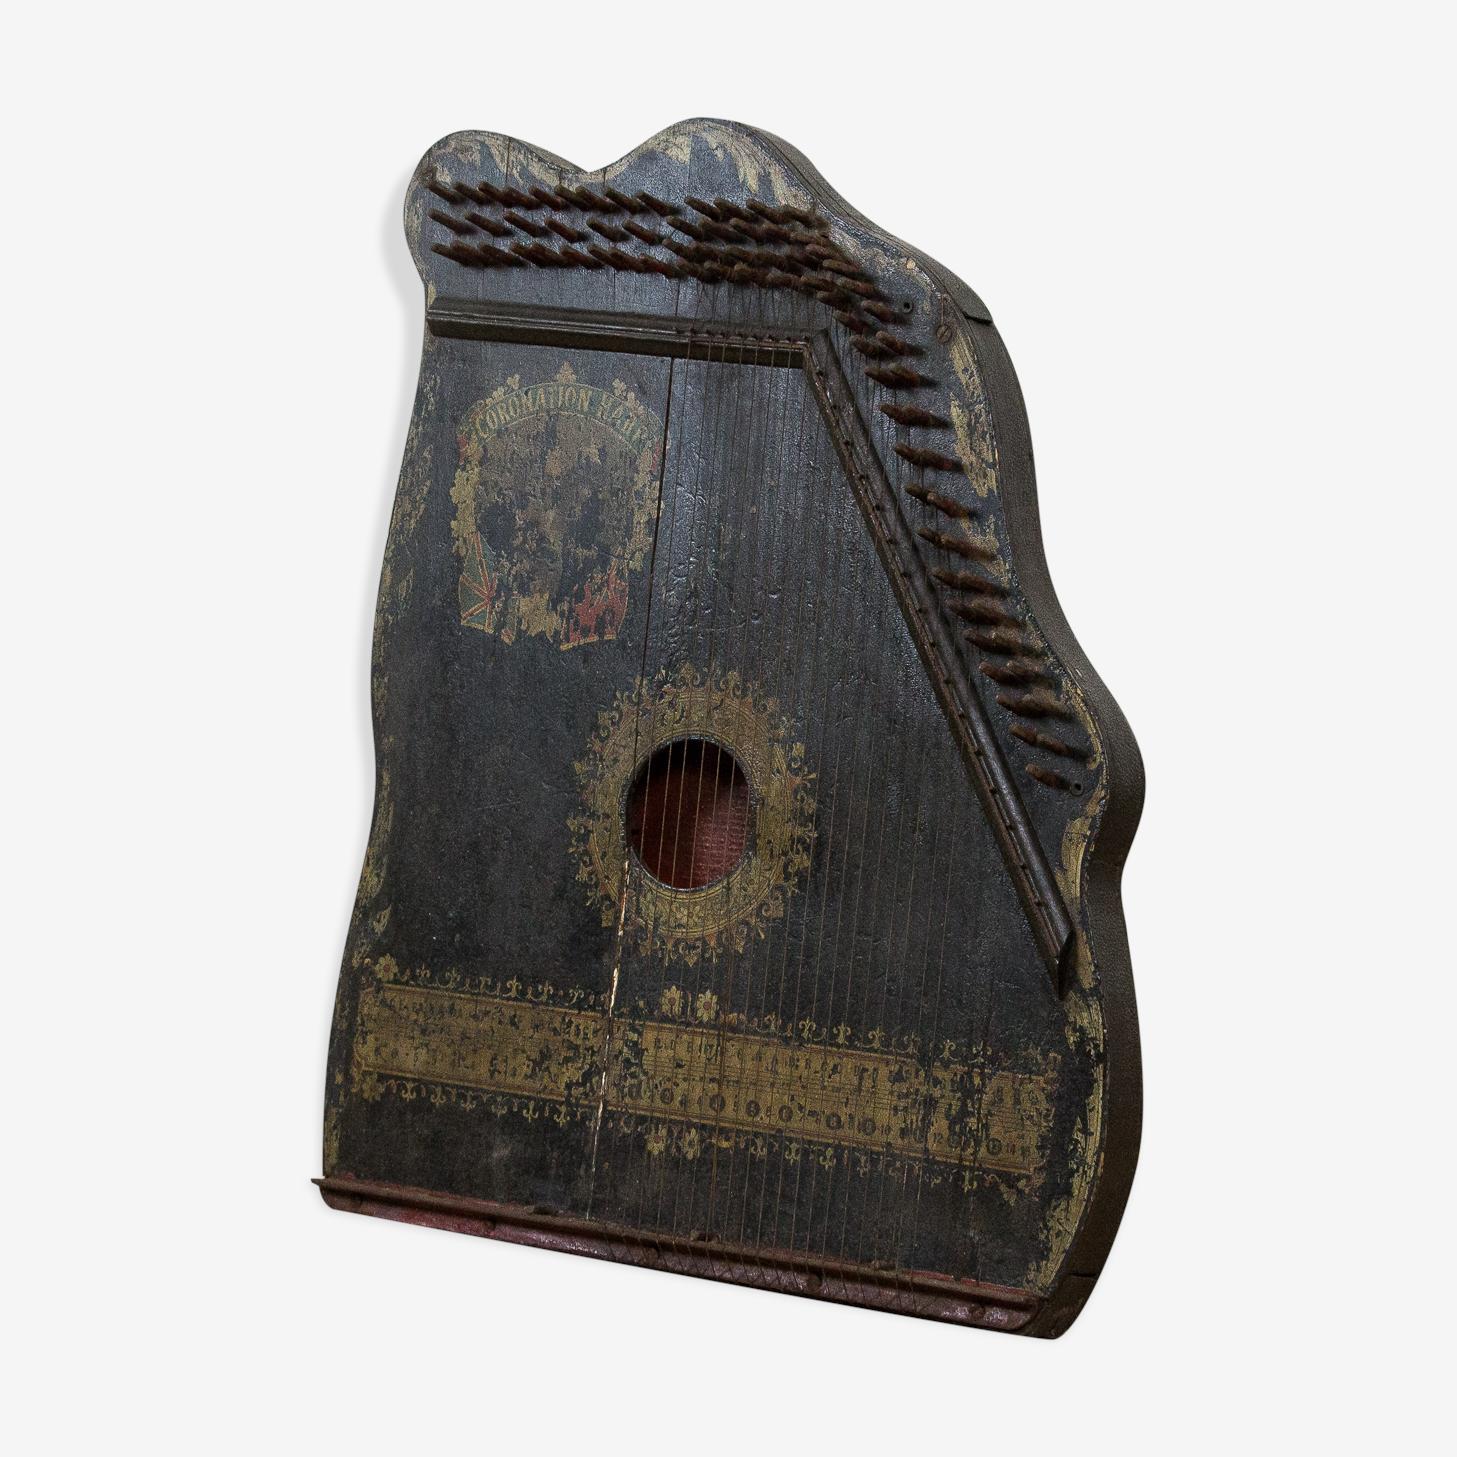 Petite harpe antique